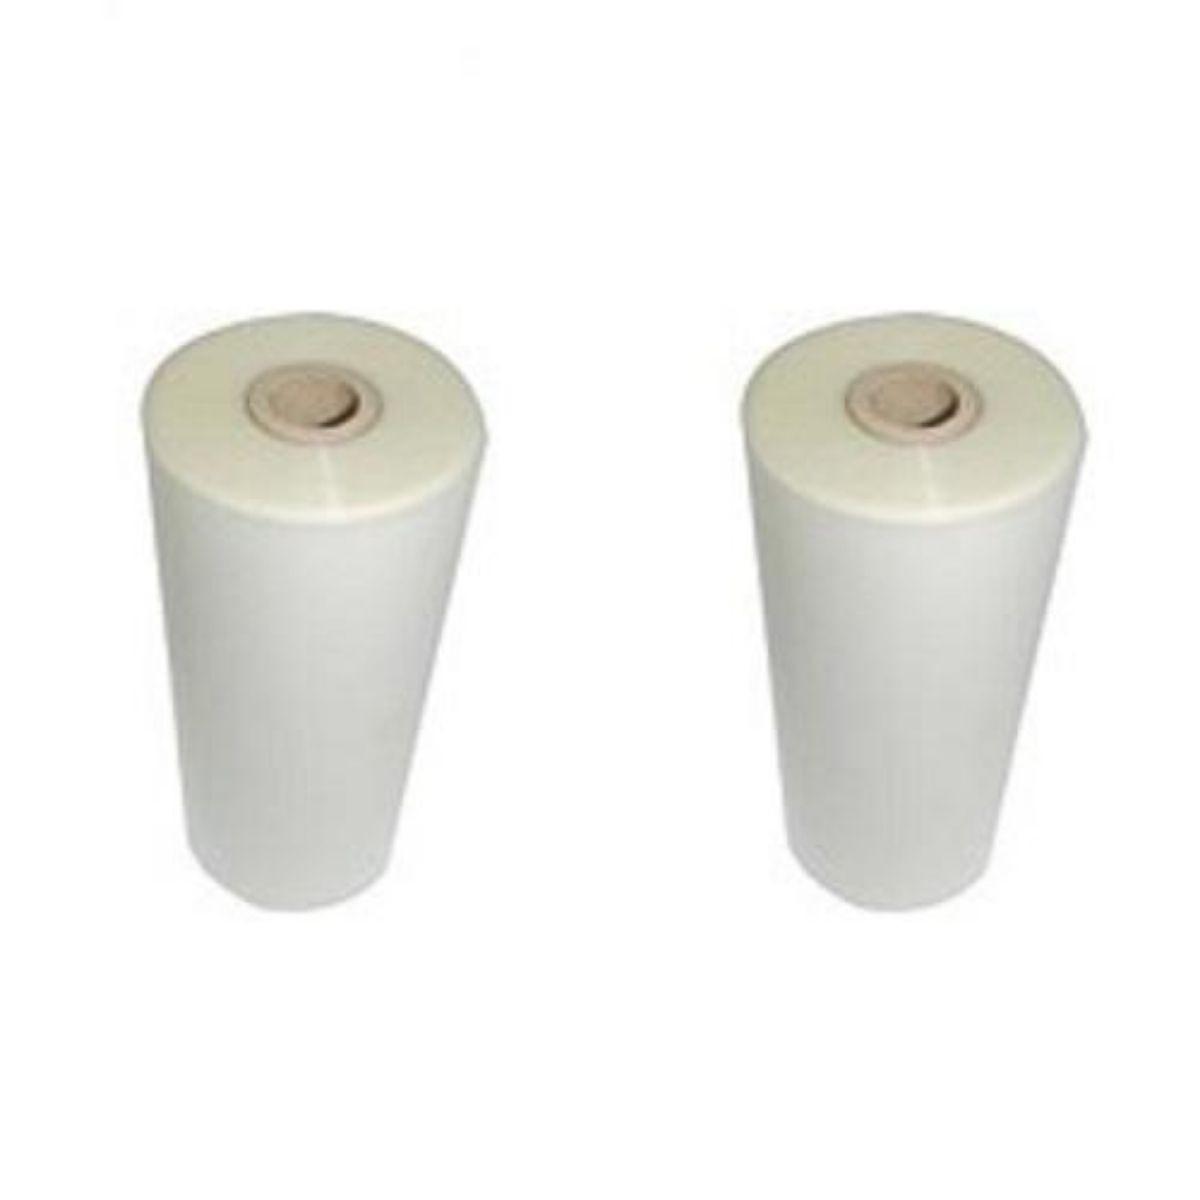 Kit 2 Bobinas para Plastificação Oficio 23cm x 45M x 0,08mm (190 micras)  - Click Suprimentos